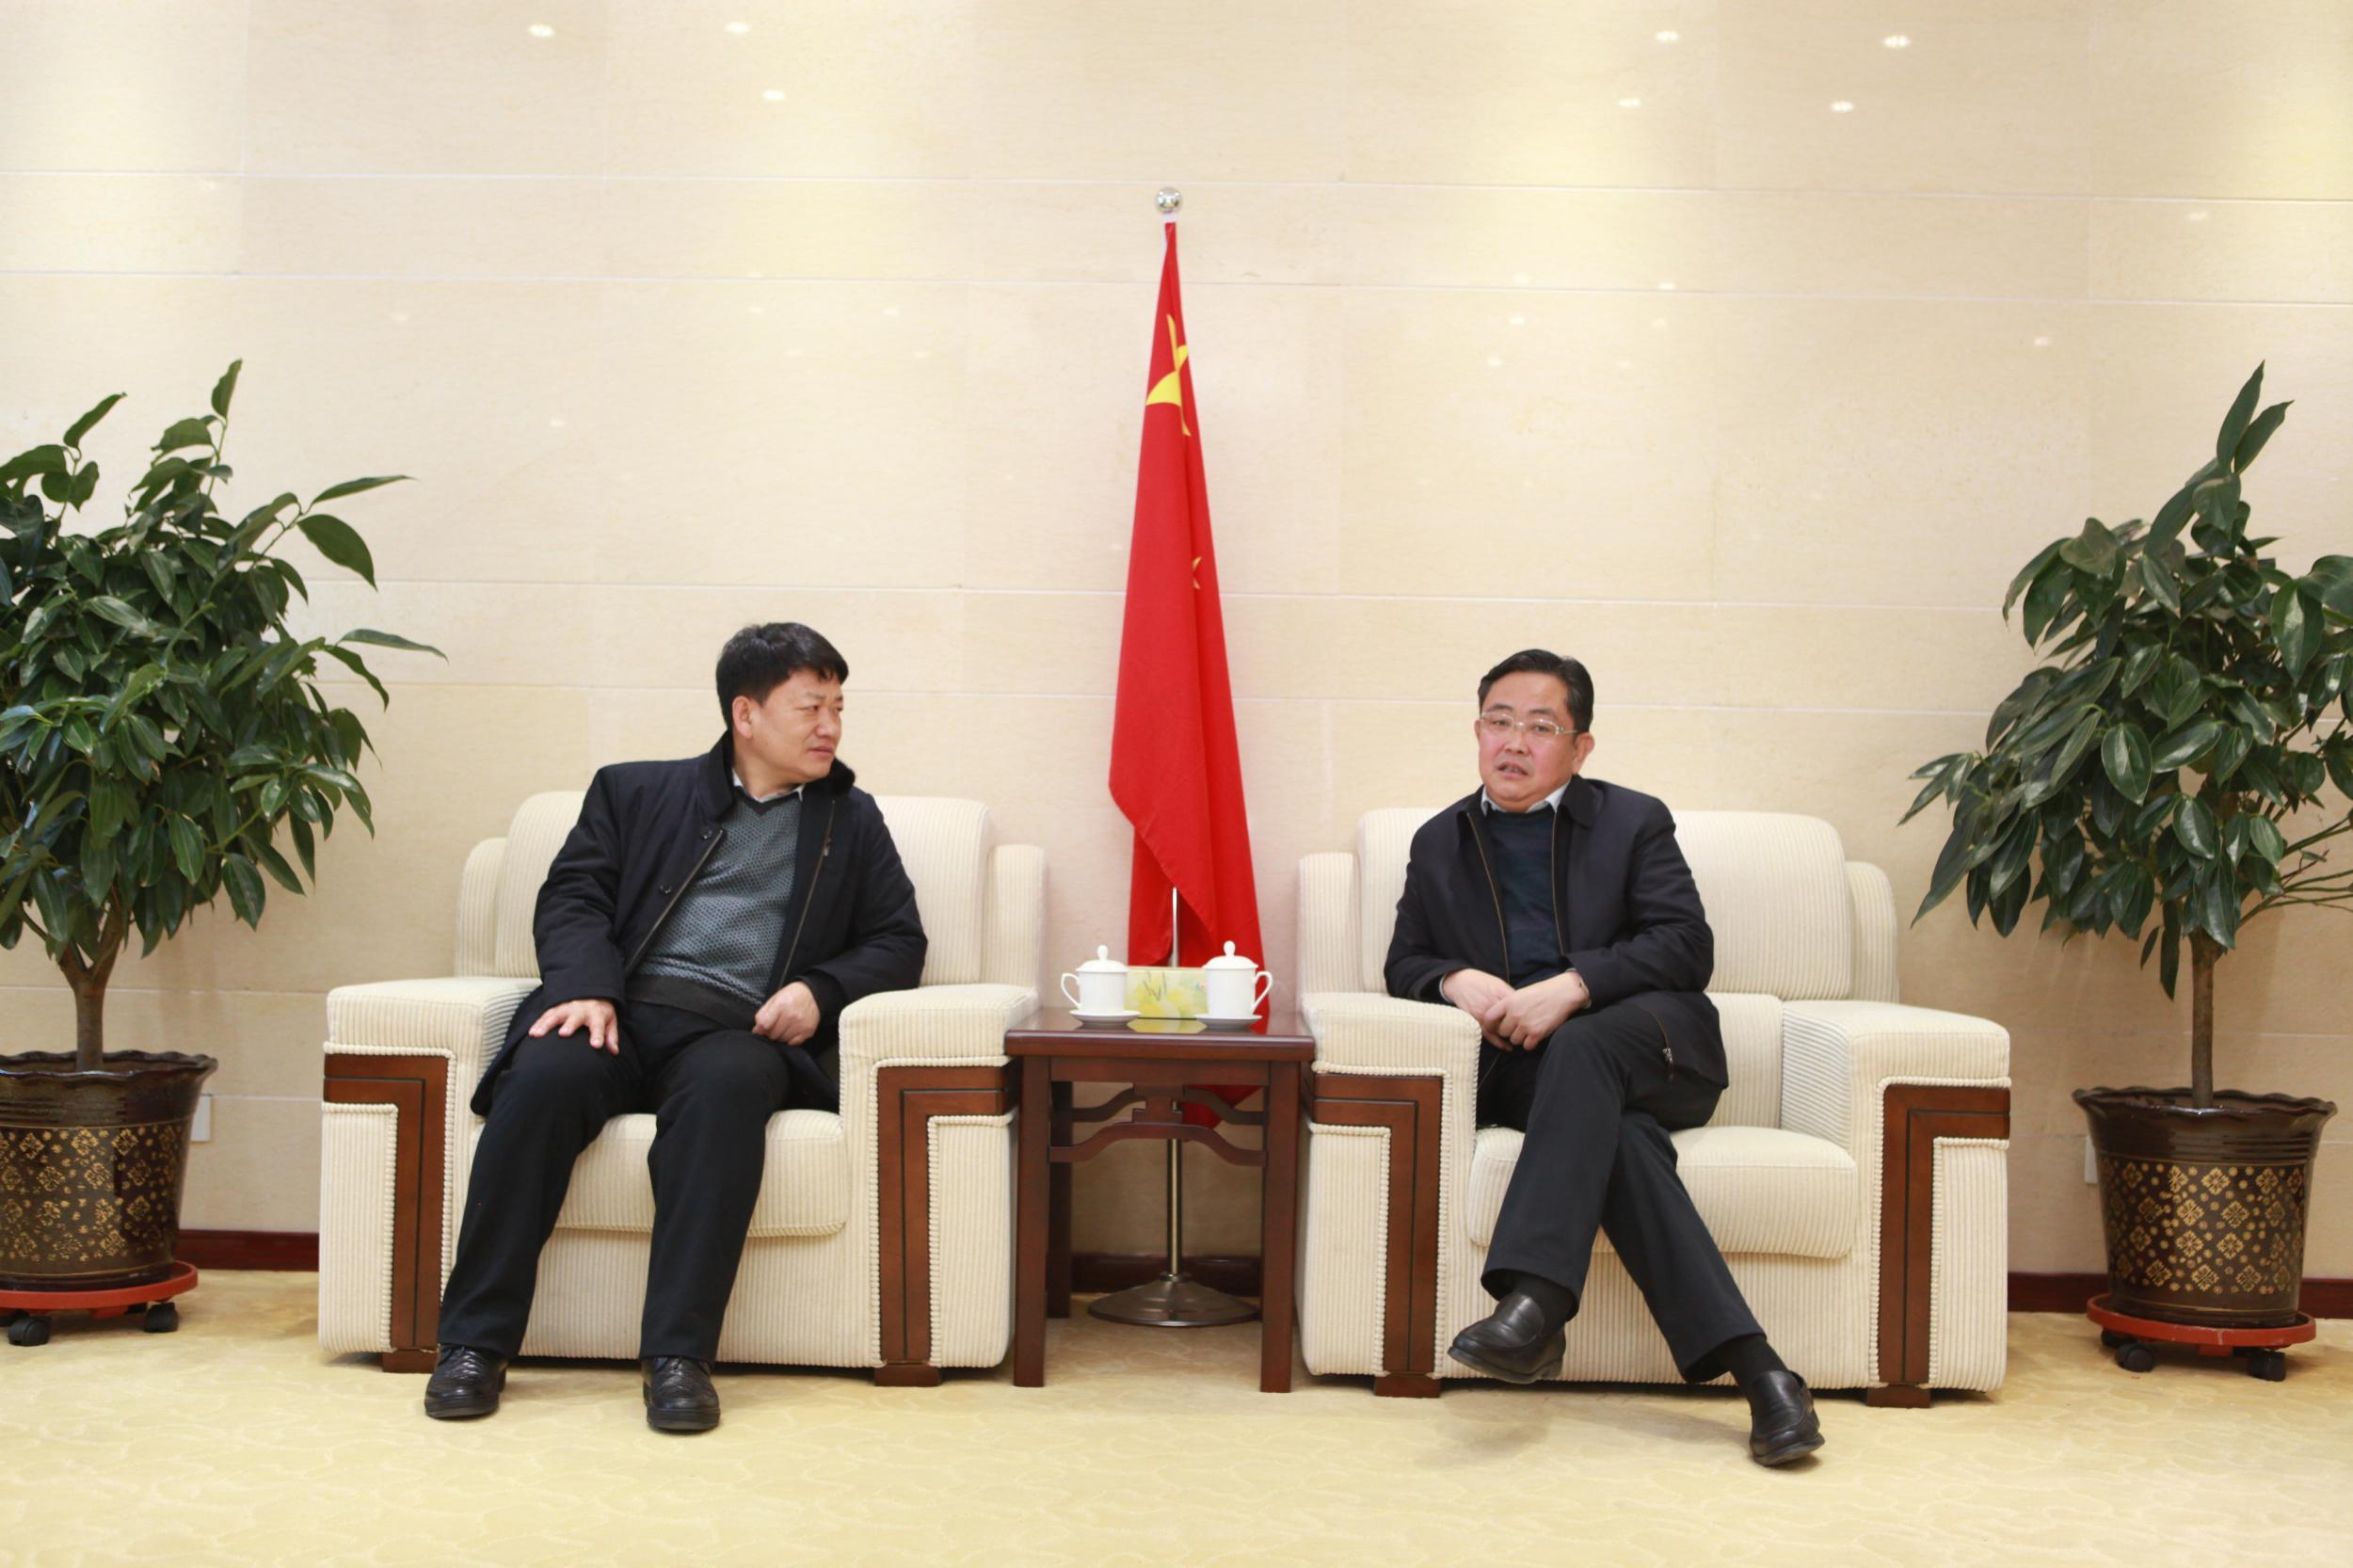 莫重明会见兴业银行西宁分行副行长刘立夫一行